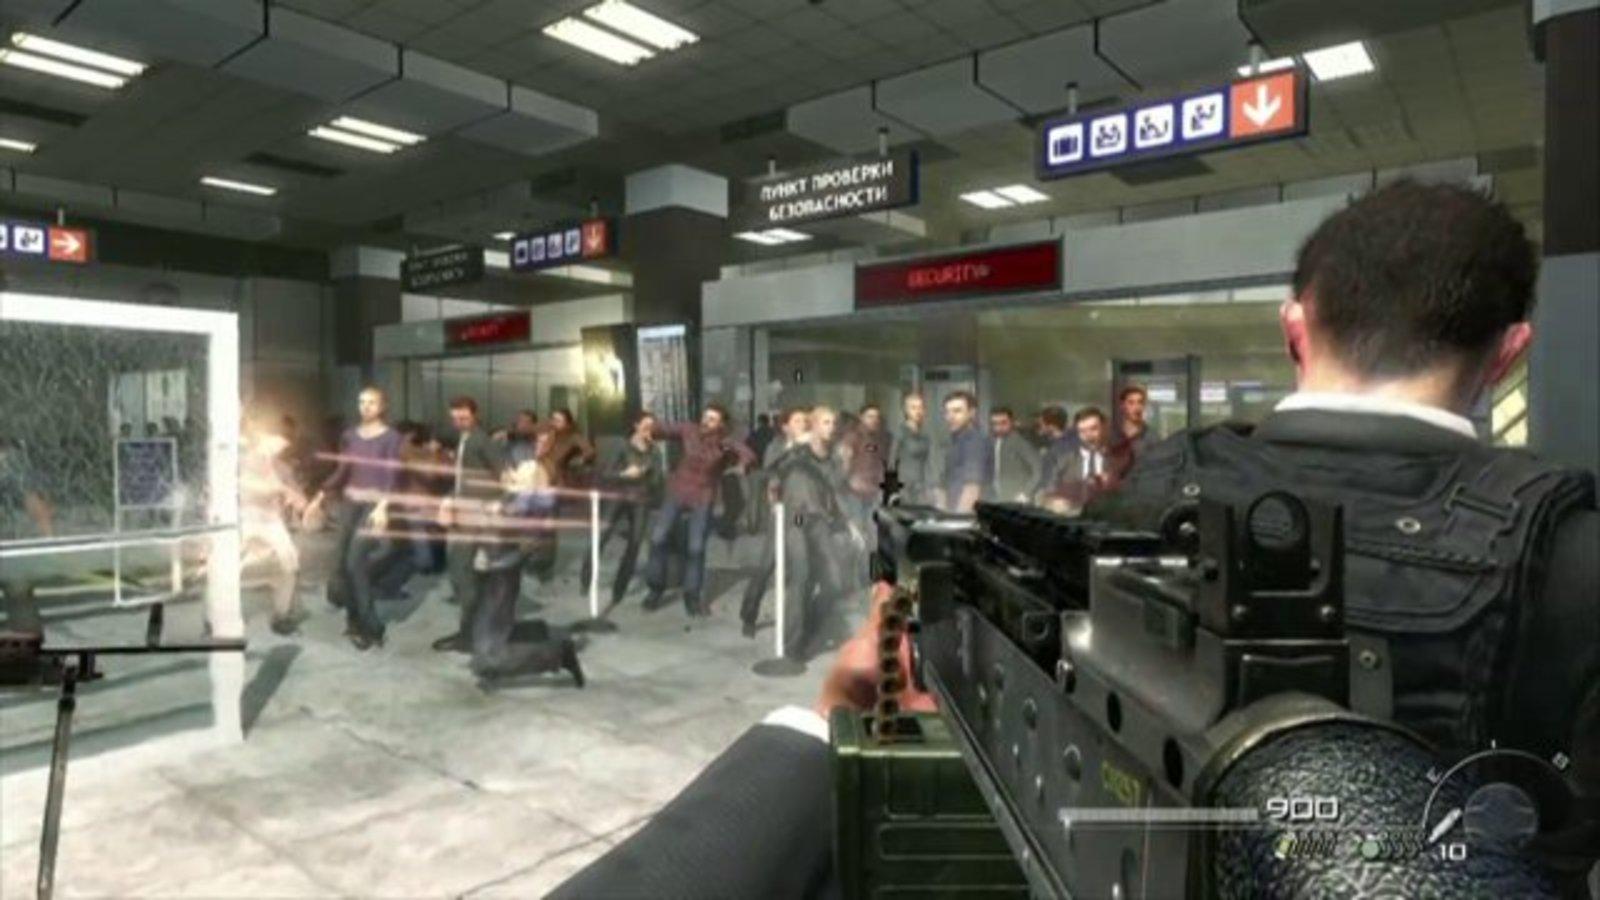 Joystick Warriors - Video Games, Violence & the Culture of Militarism